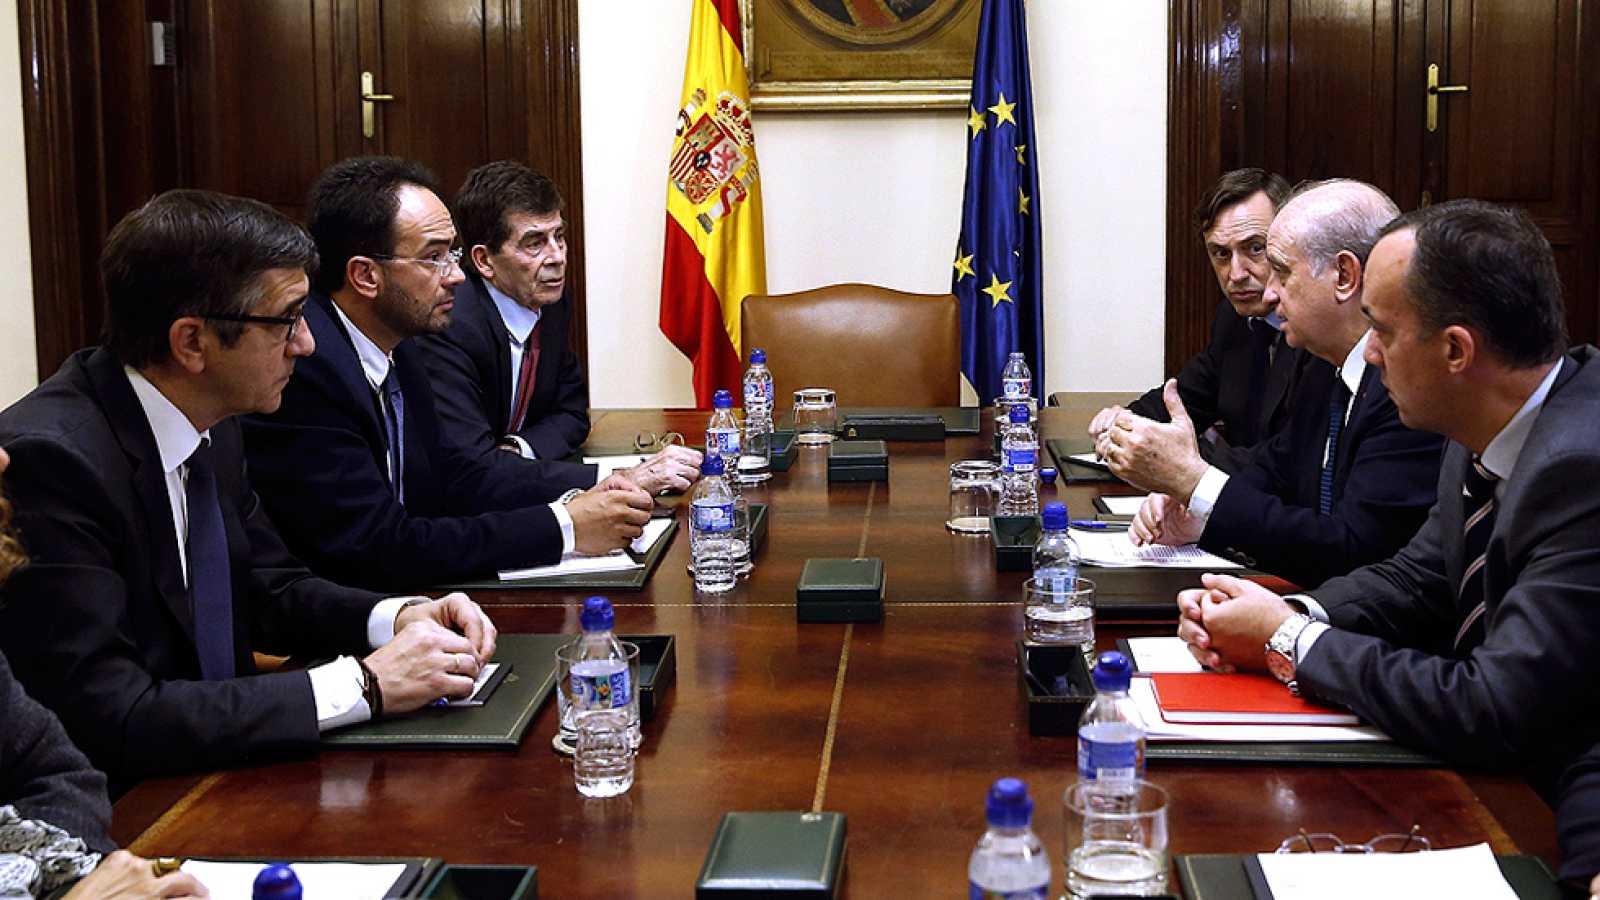 Los políticos españoles suspenden los actos de campaña y muestran su solidaridad con Francia